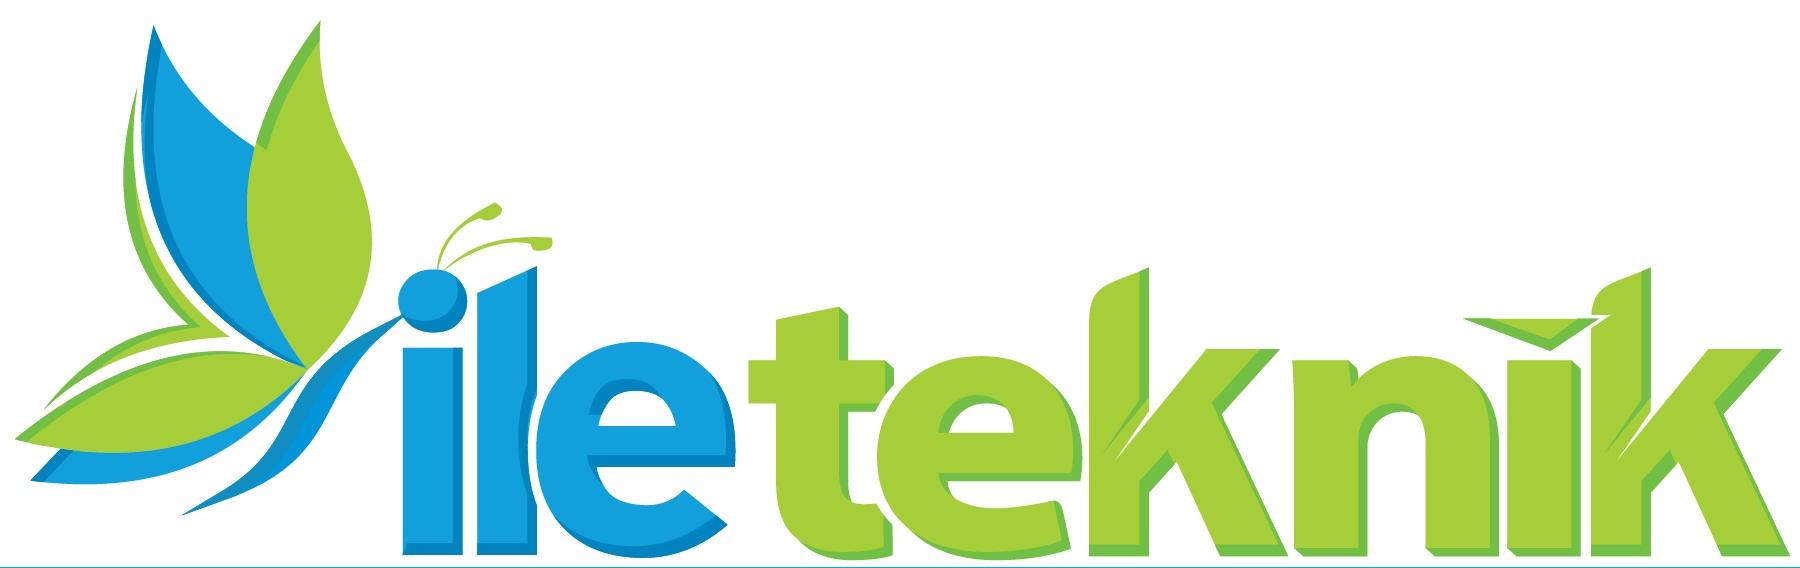 su arıtma cihazları logo